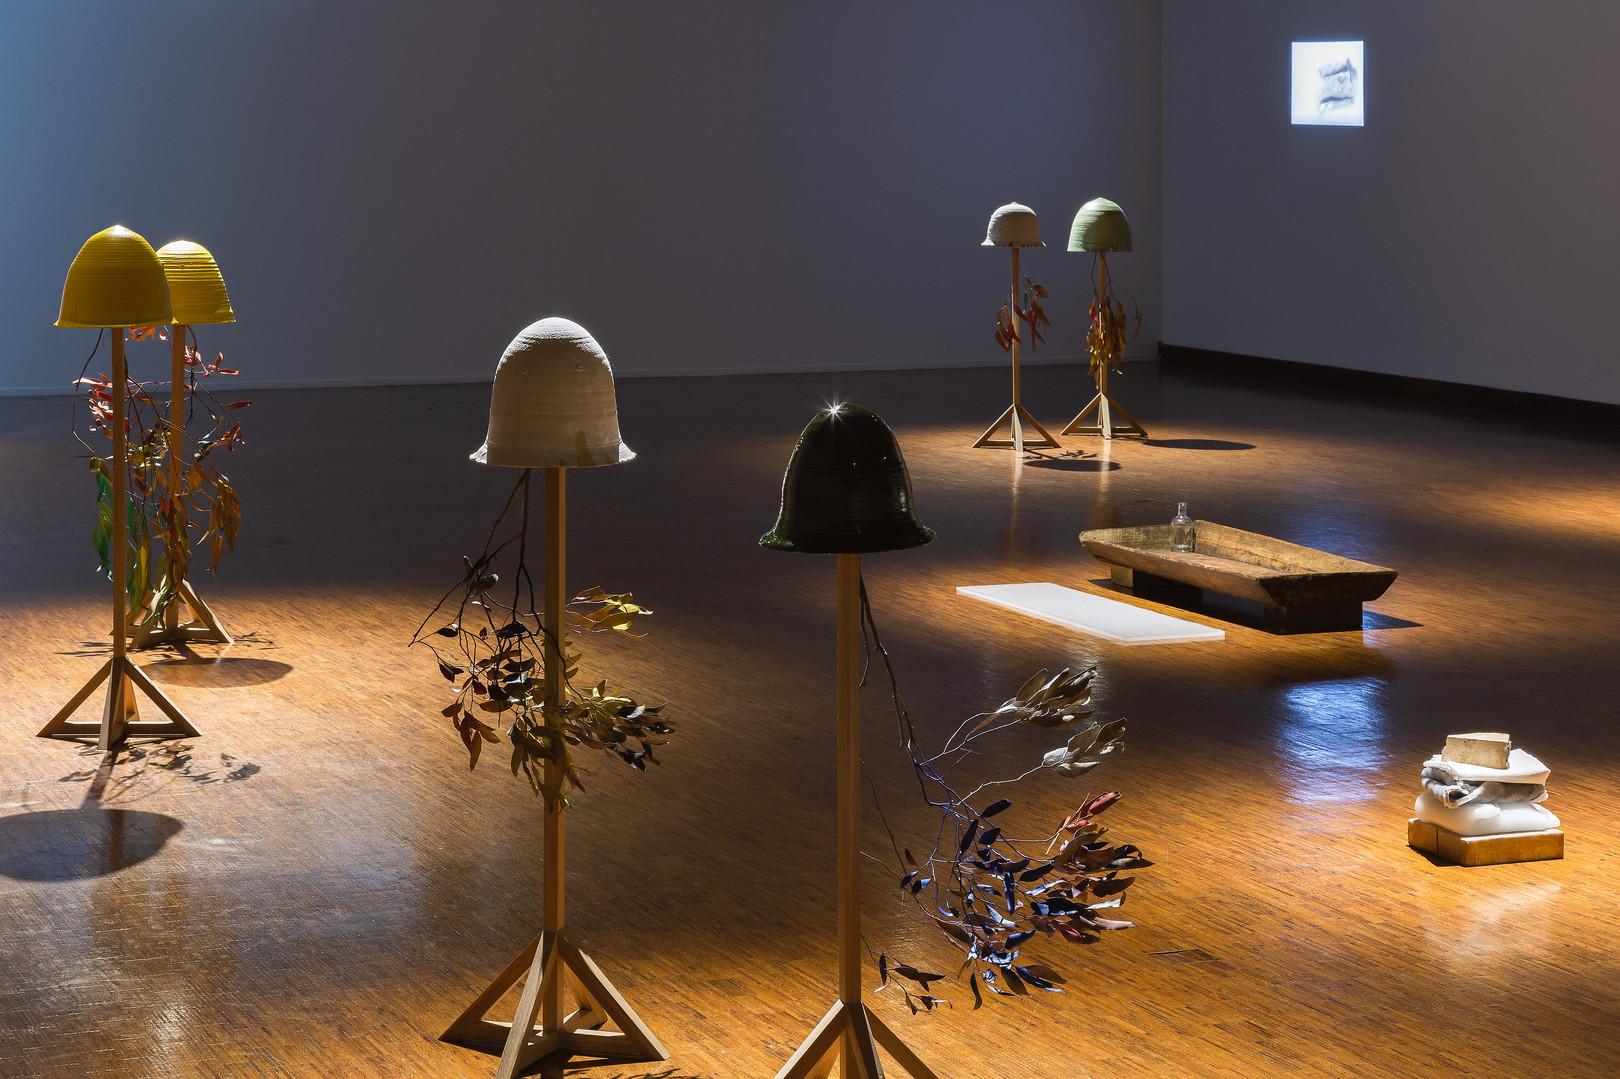 Estudos do Labirinto Museu Nacional de Etnologia Vista da exposição de Francisco Tropa e Teresa Carepo